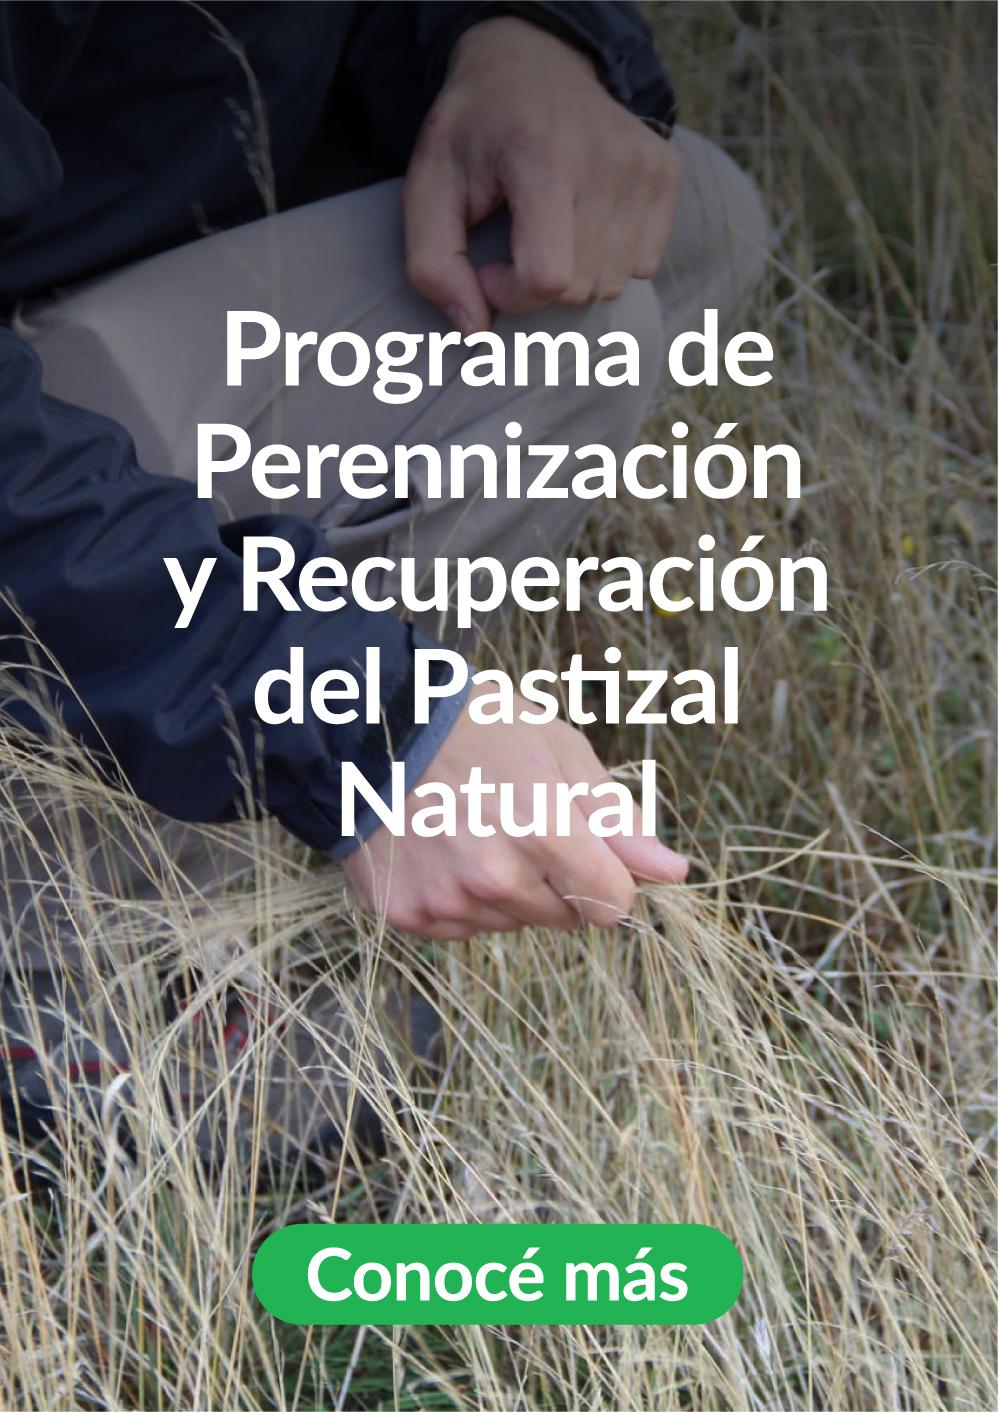 2-Perenizacion